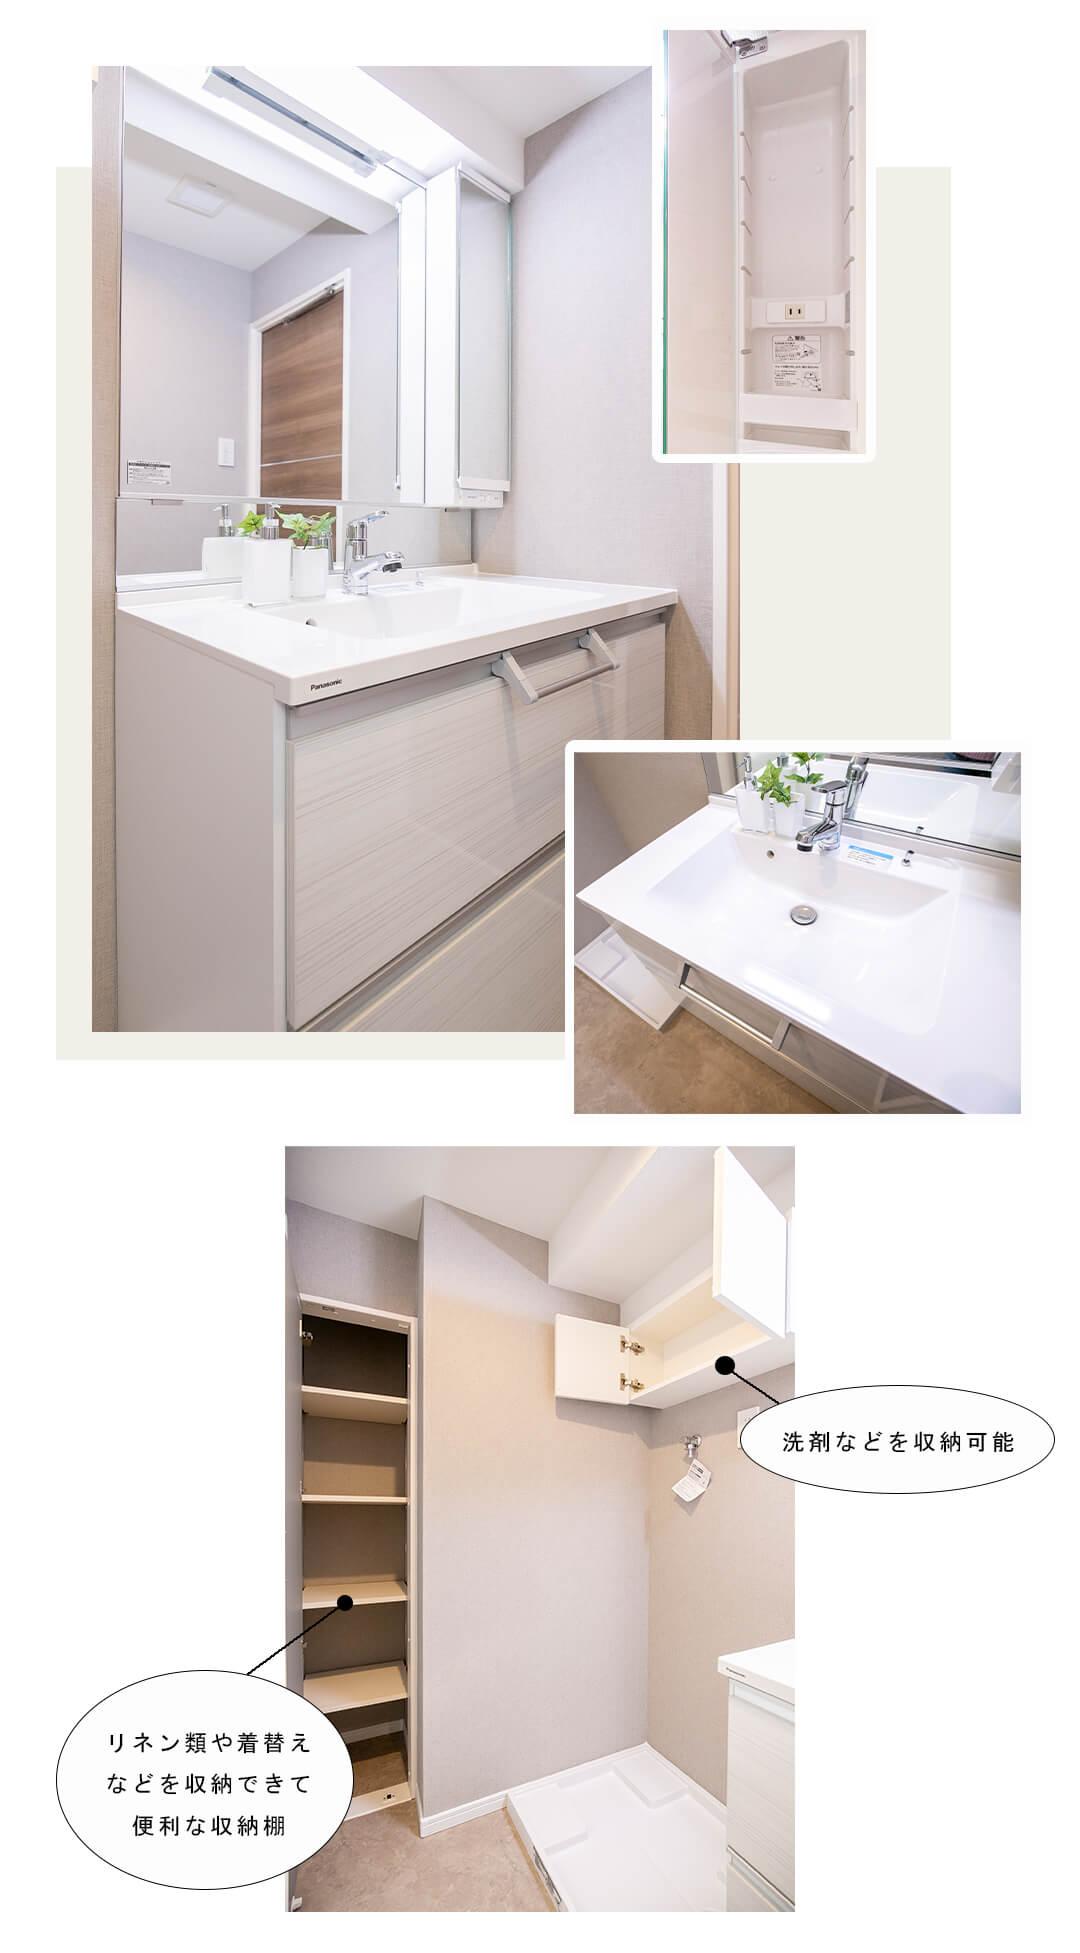 マイキャッスル大井町Ⅱの洗面室